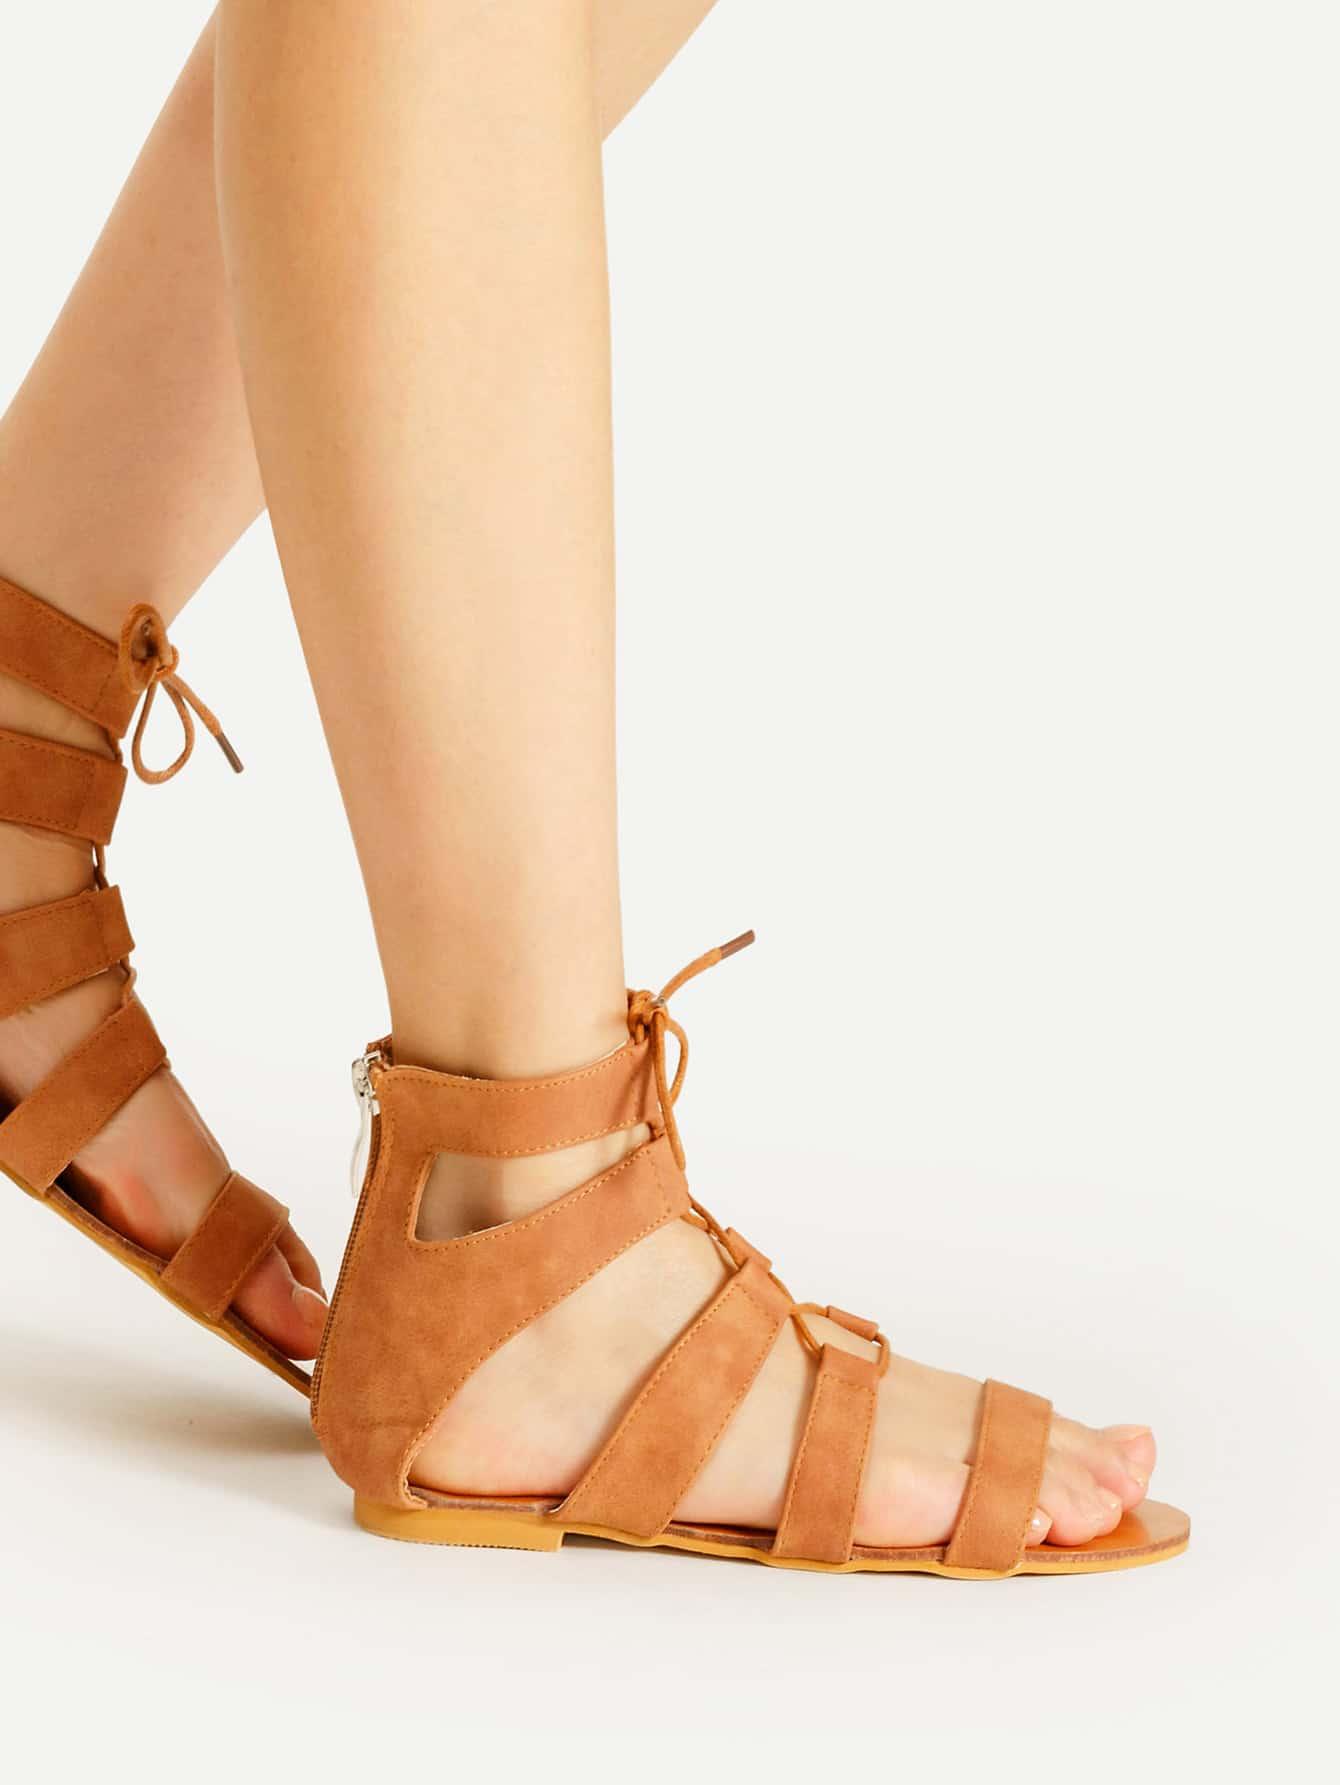 shoes170407813_2